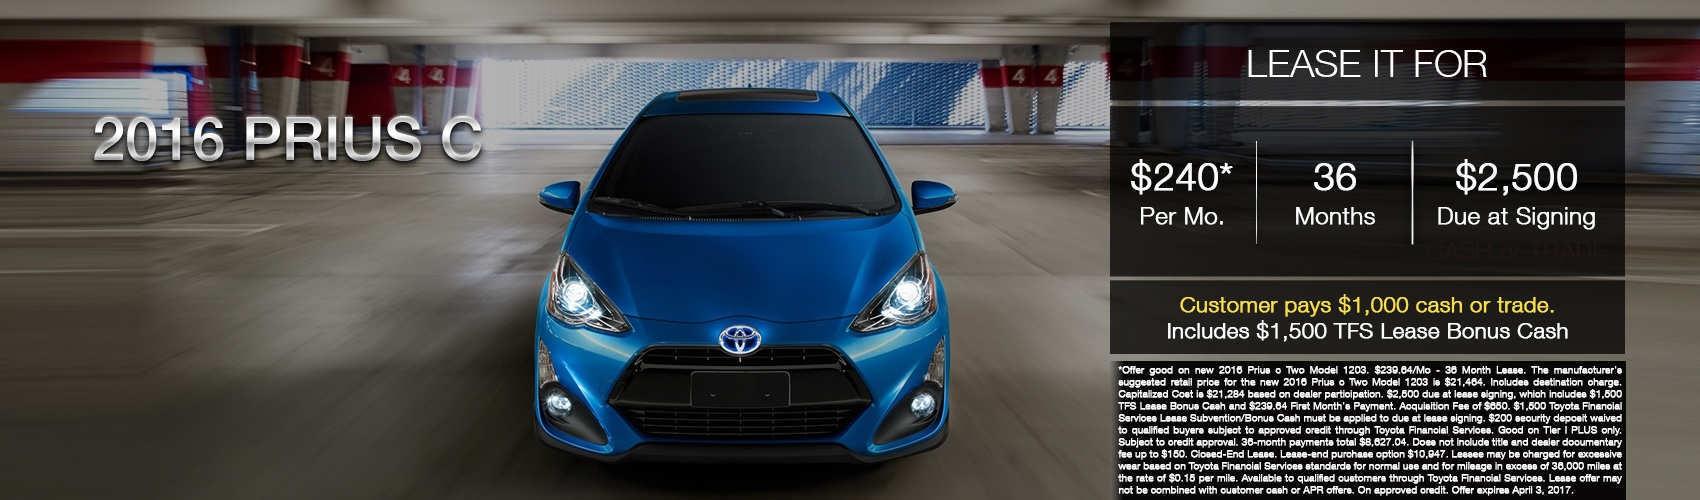 2016 Prius C - Beaverton Toyota  - 240 per month